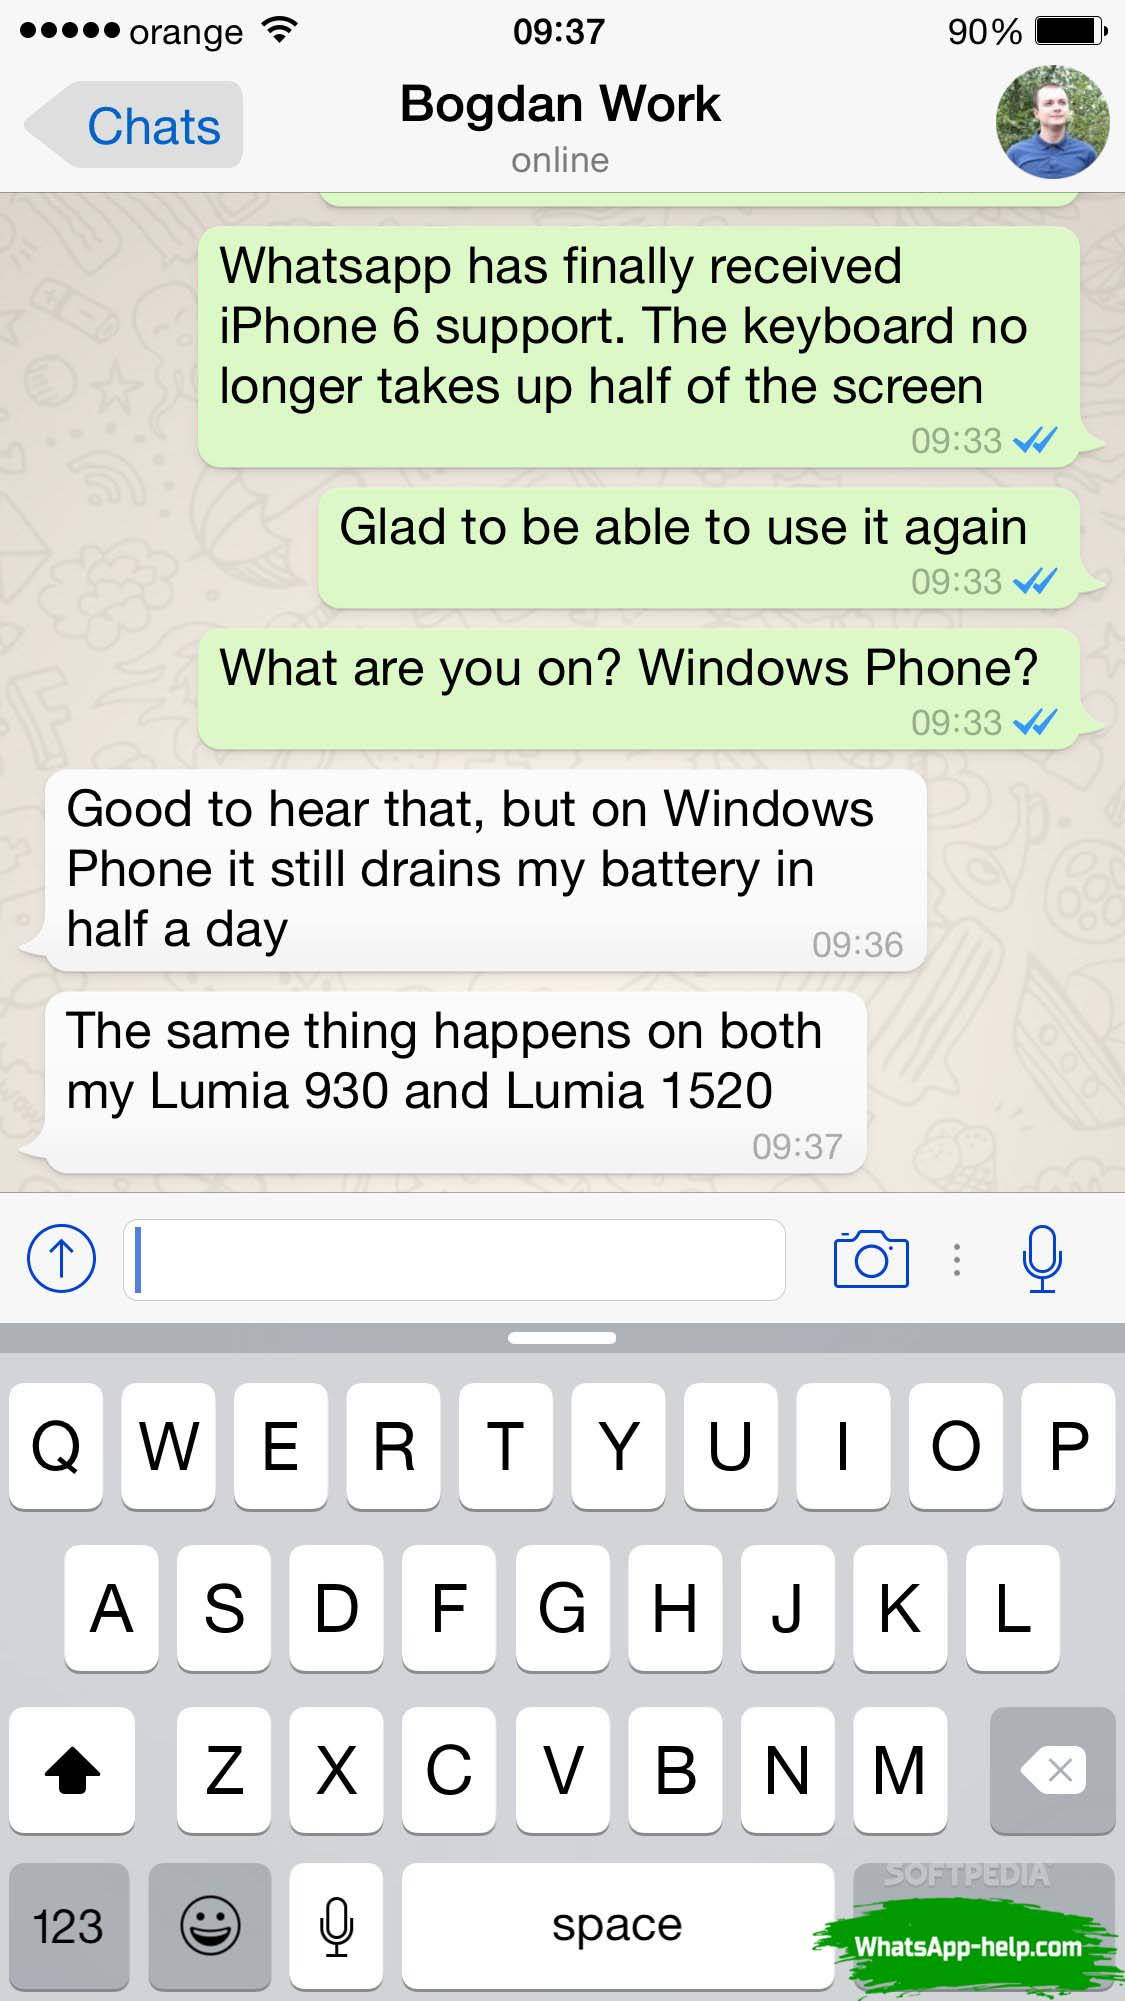 как отправить гифку в whatsapp на айфоне